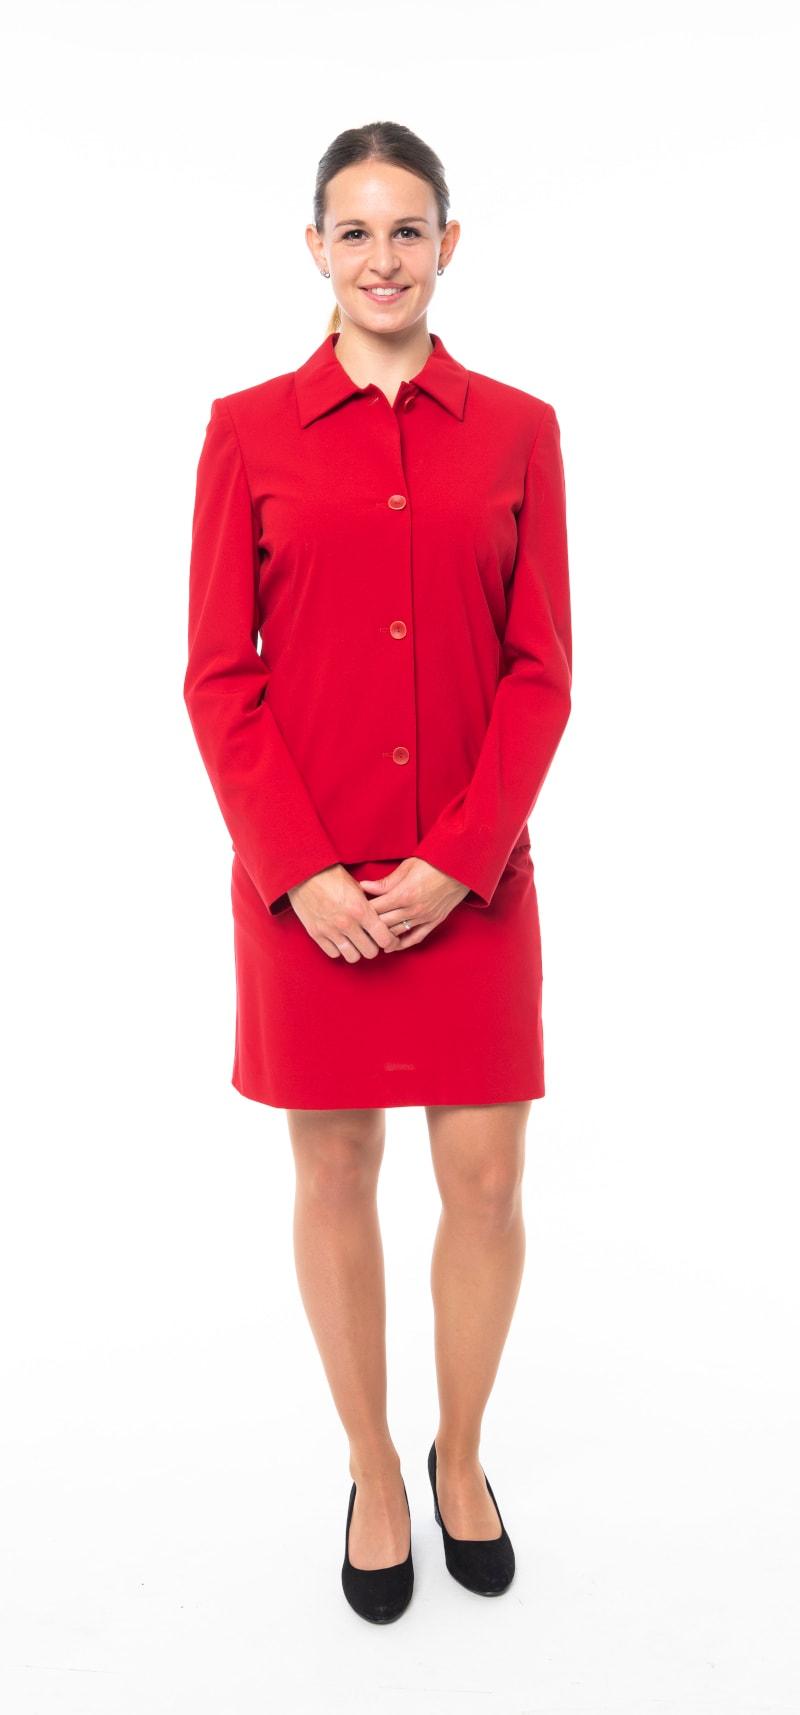 Tailleur rouge veste fermée